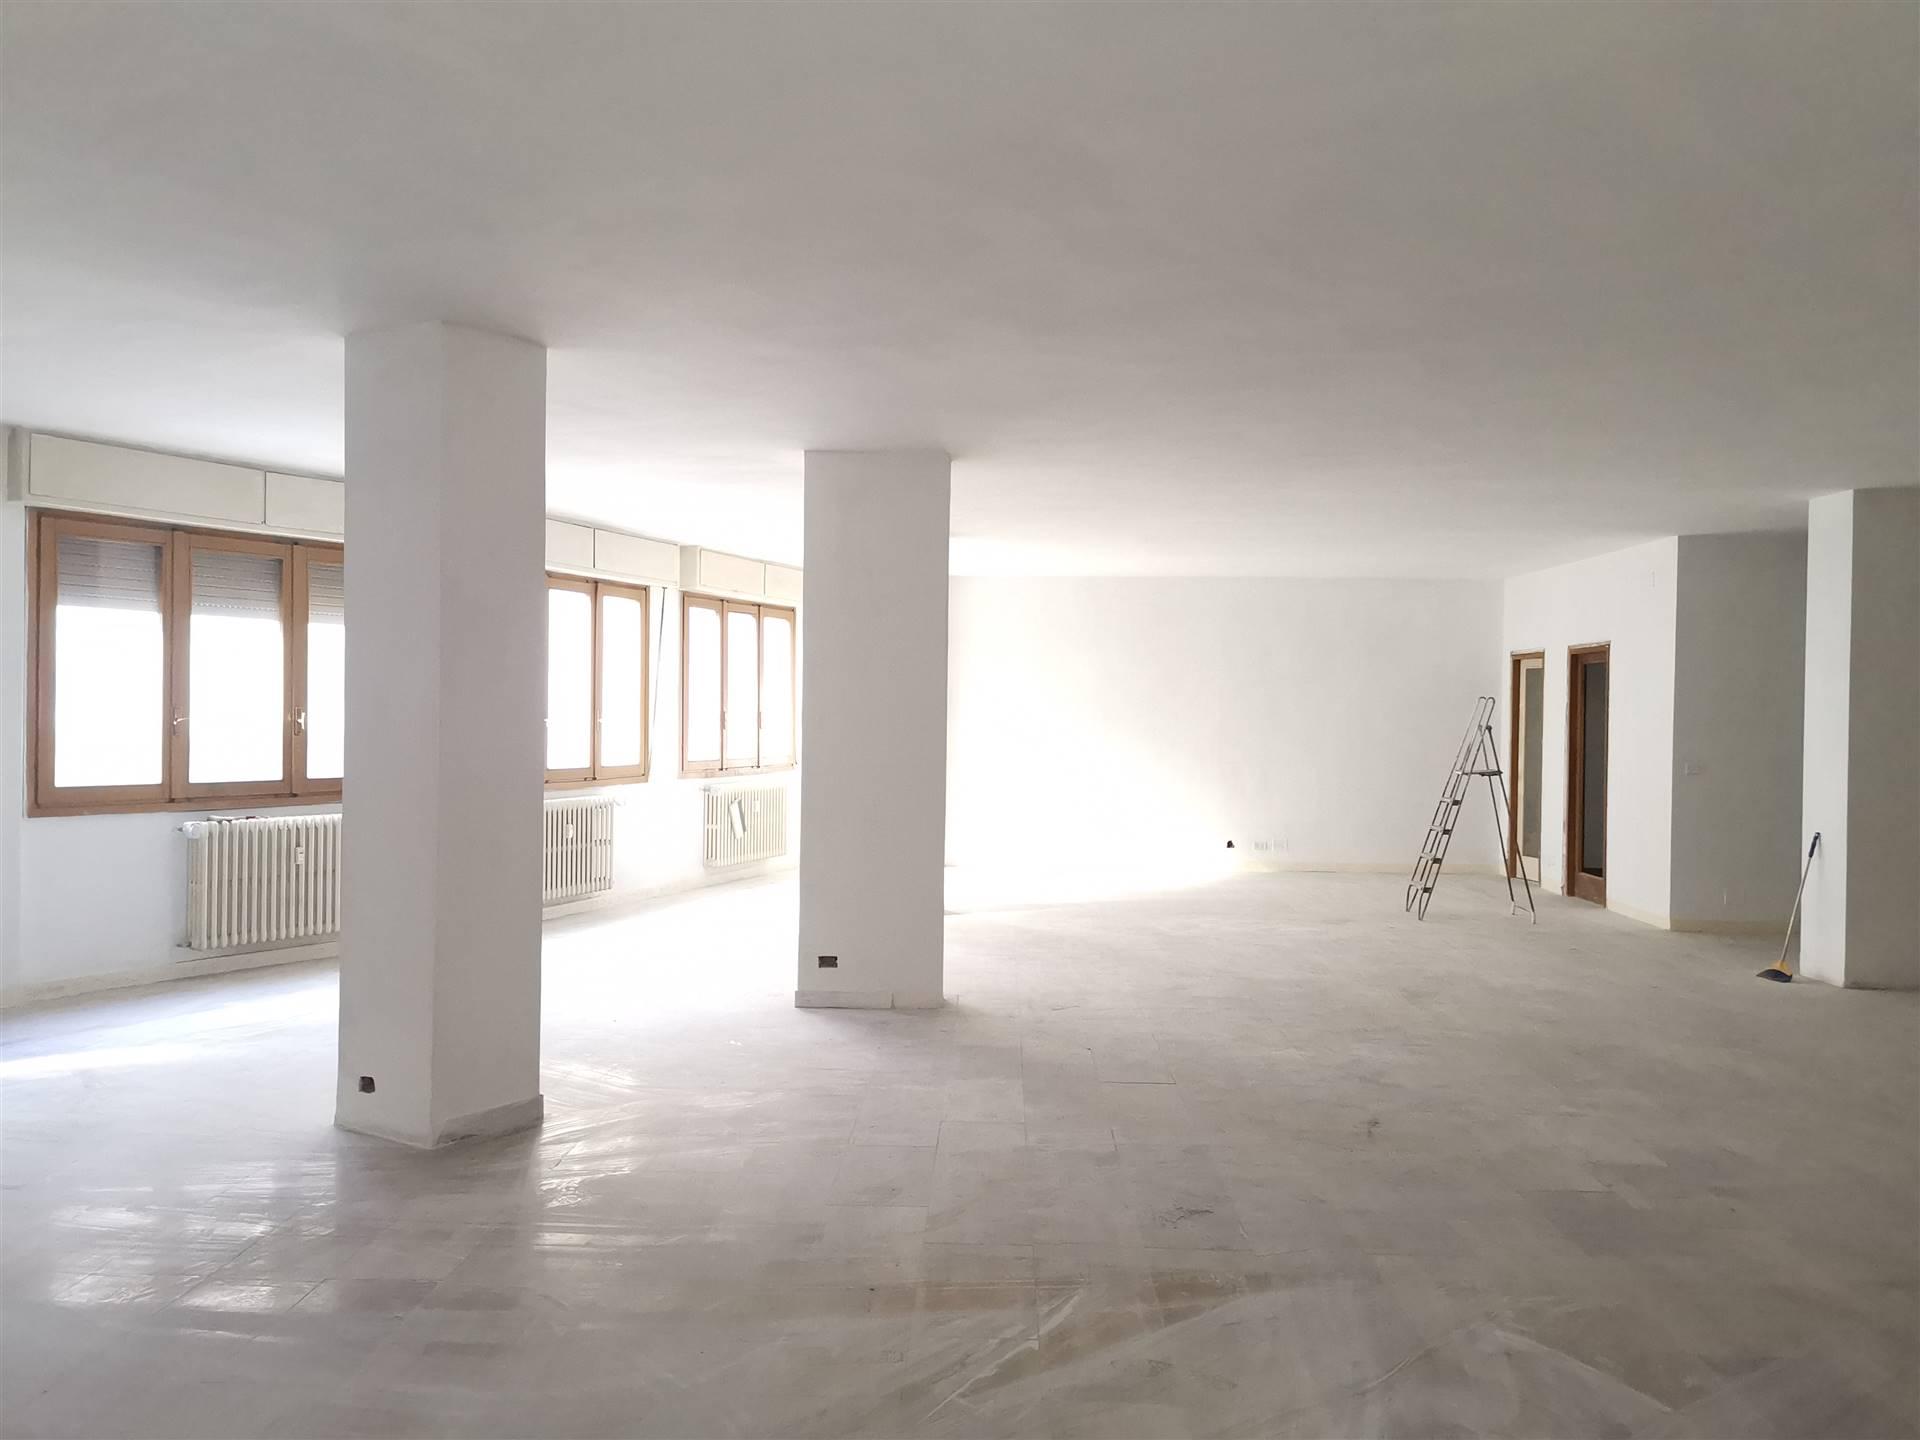 Ufficio / Studio in vendita a Sondrio, 4 locali, zona Località: CENTRO, prezzo € 115.000 | CambioCasa.it